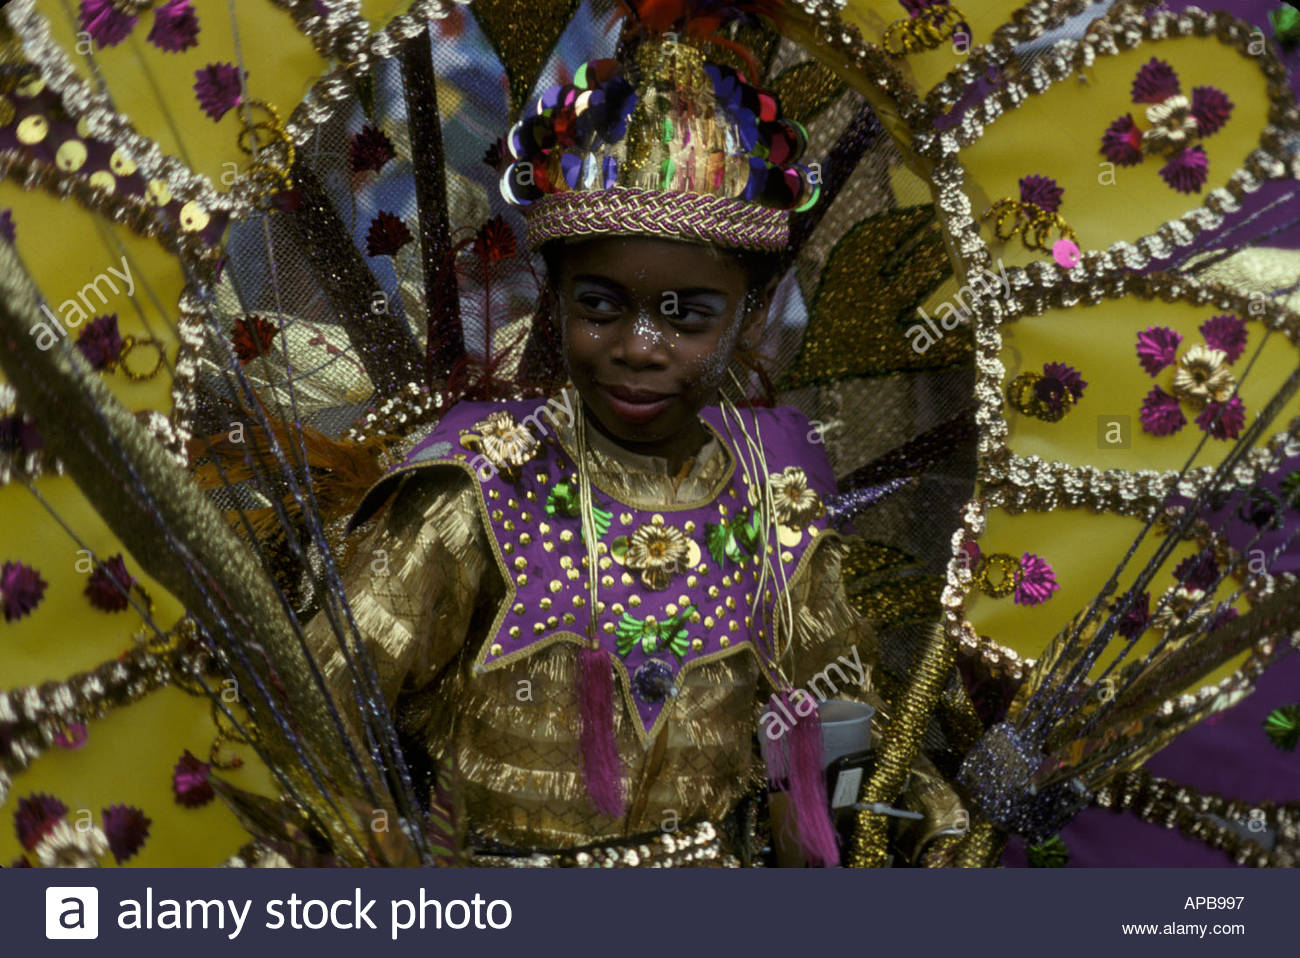 caribana caribbean street festival toronto ontario canada